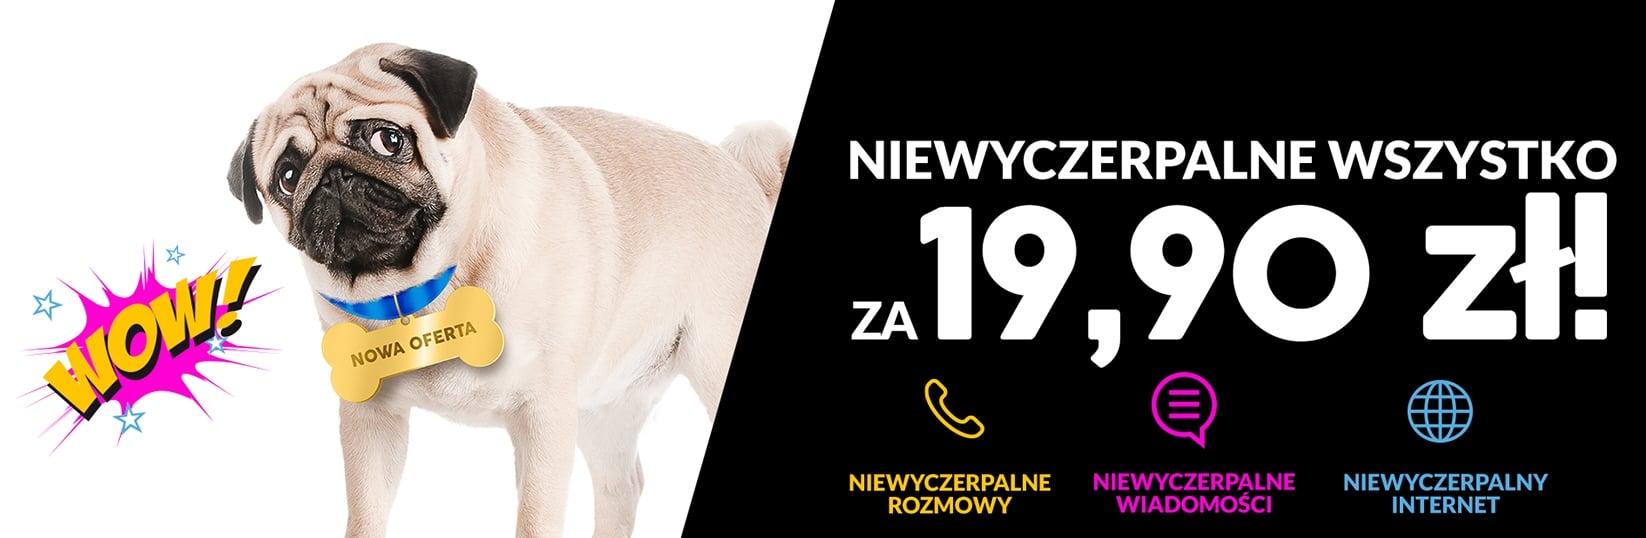 Nowa oferta a2mobile: całkowity no limit za jedyne 19,90 złotych 19